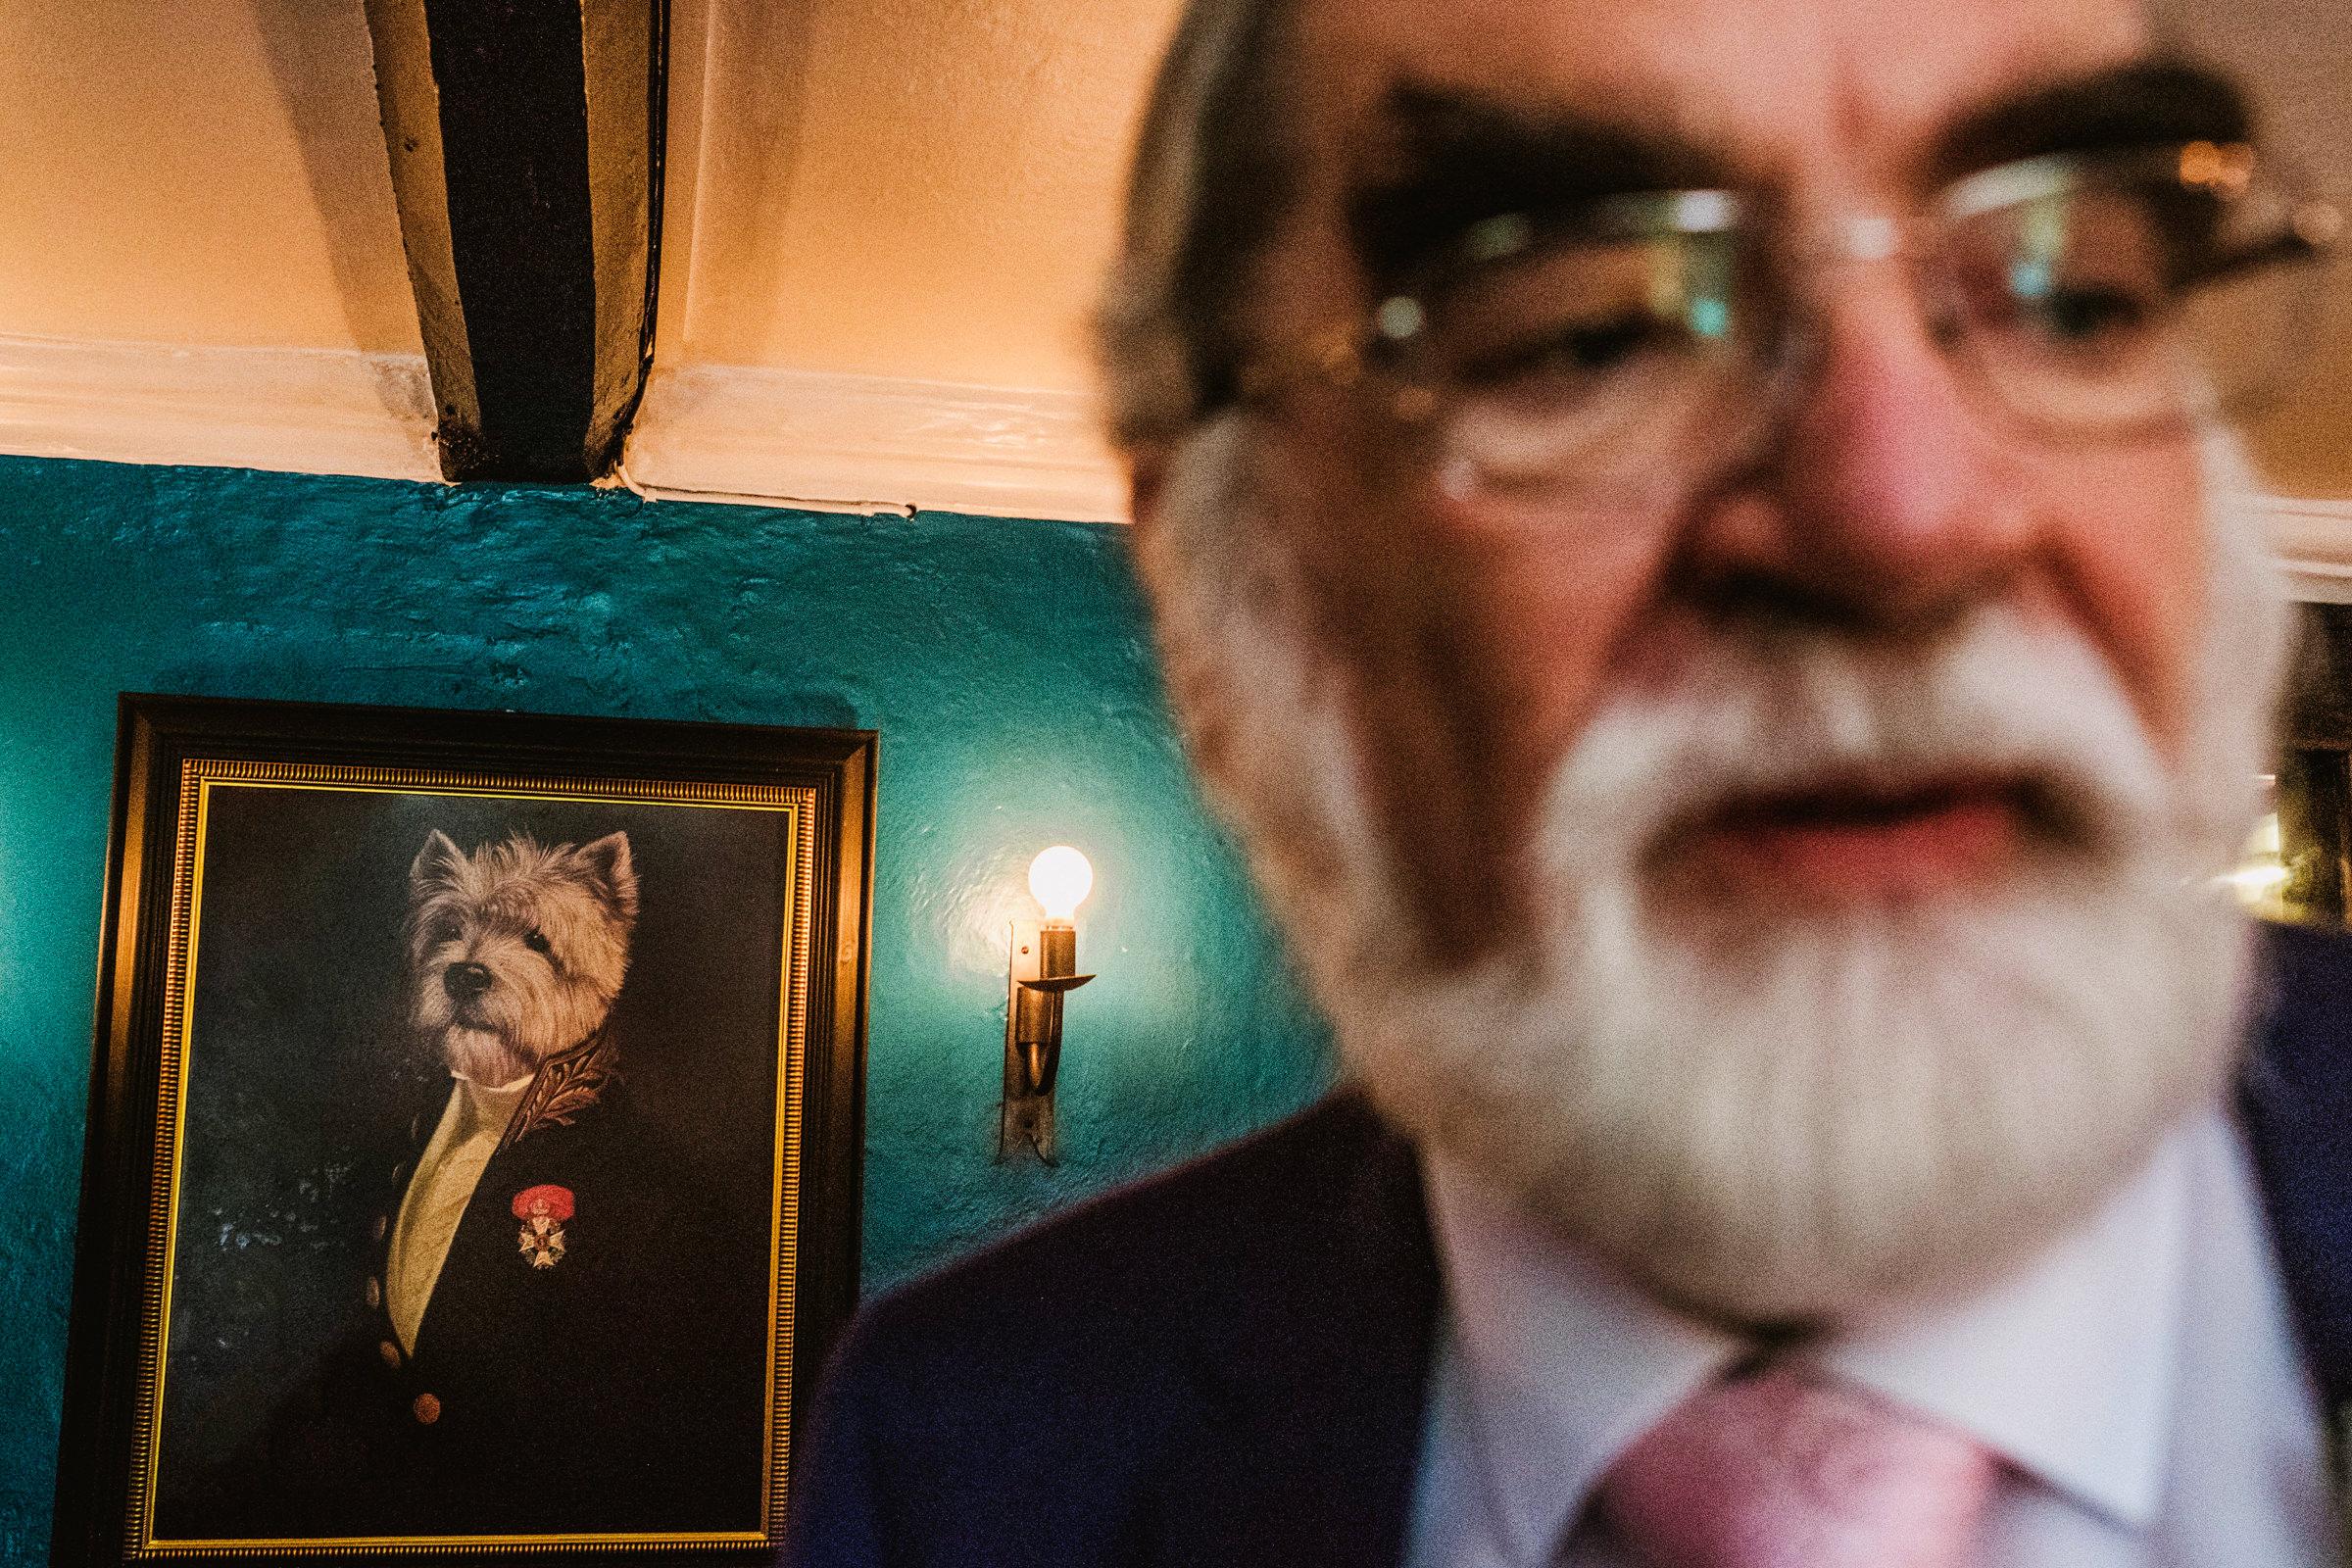 Hilarious portrait juxtaposition - photo by York Place Studios